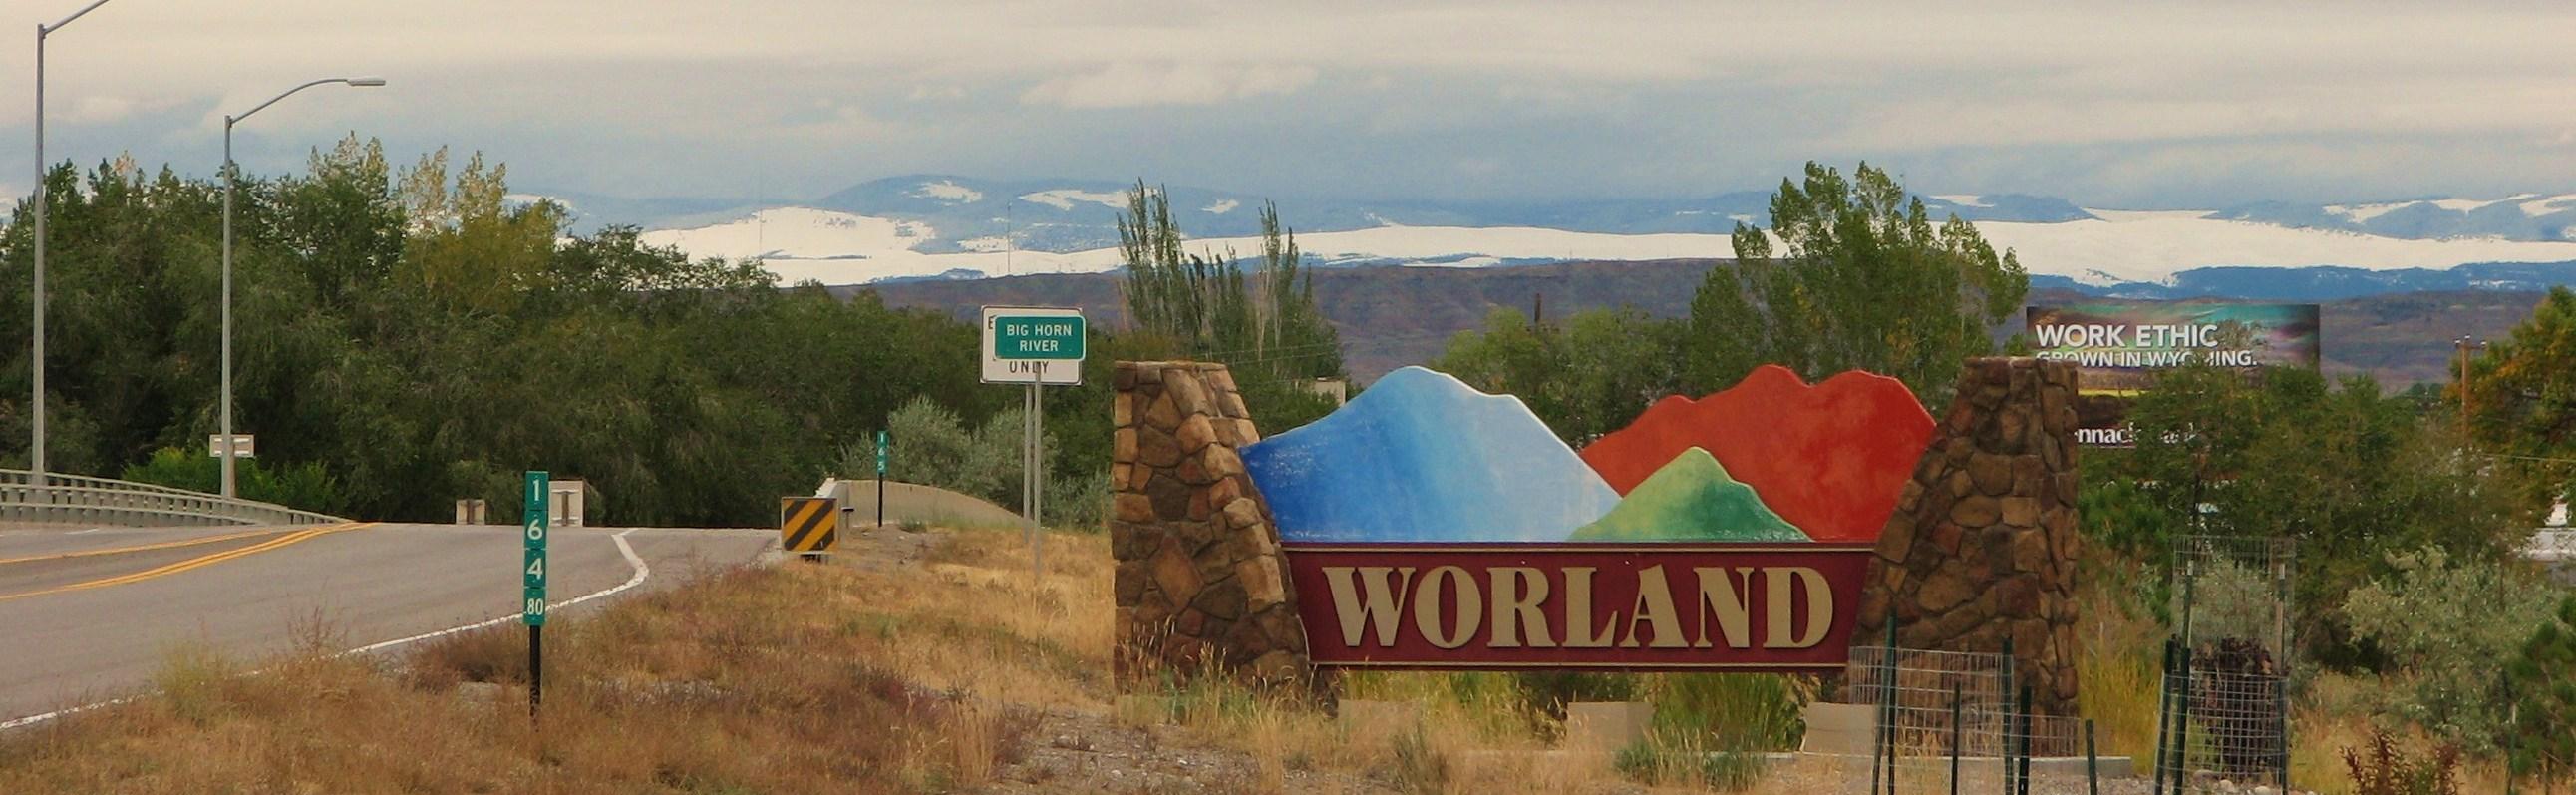 Worland_Slider.jpg